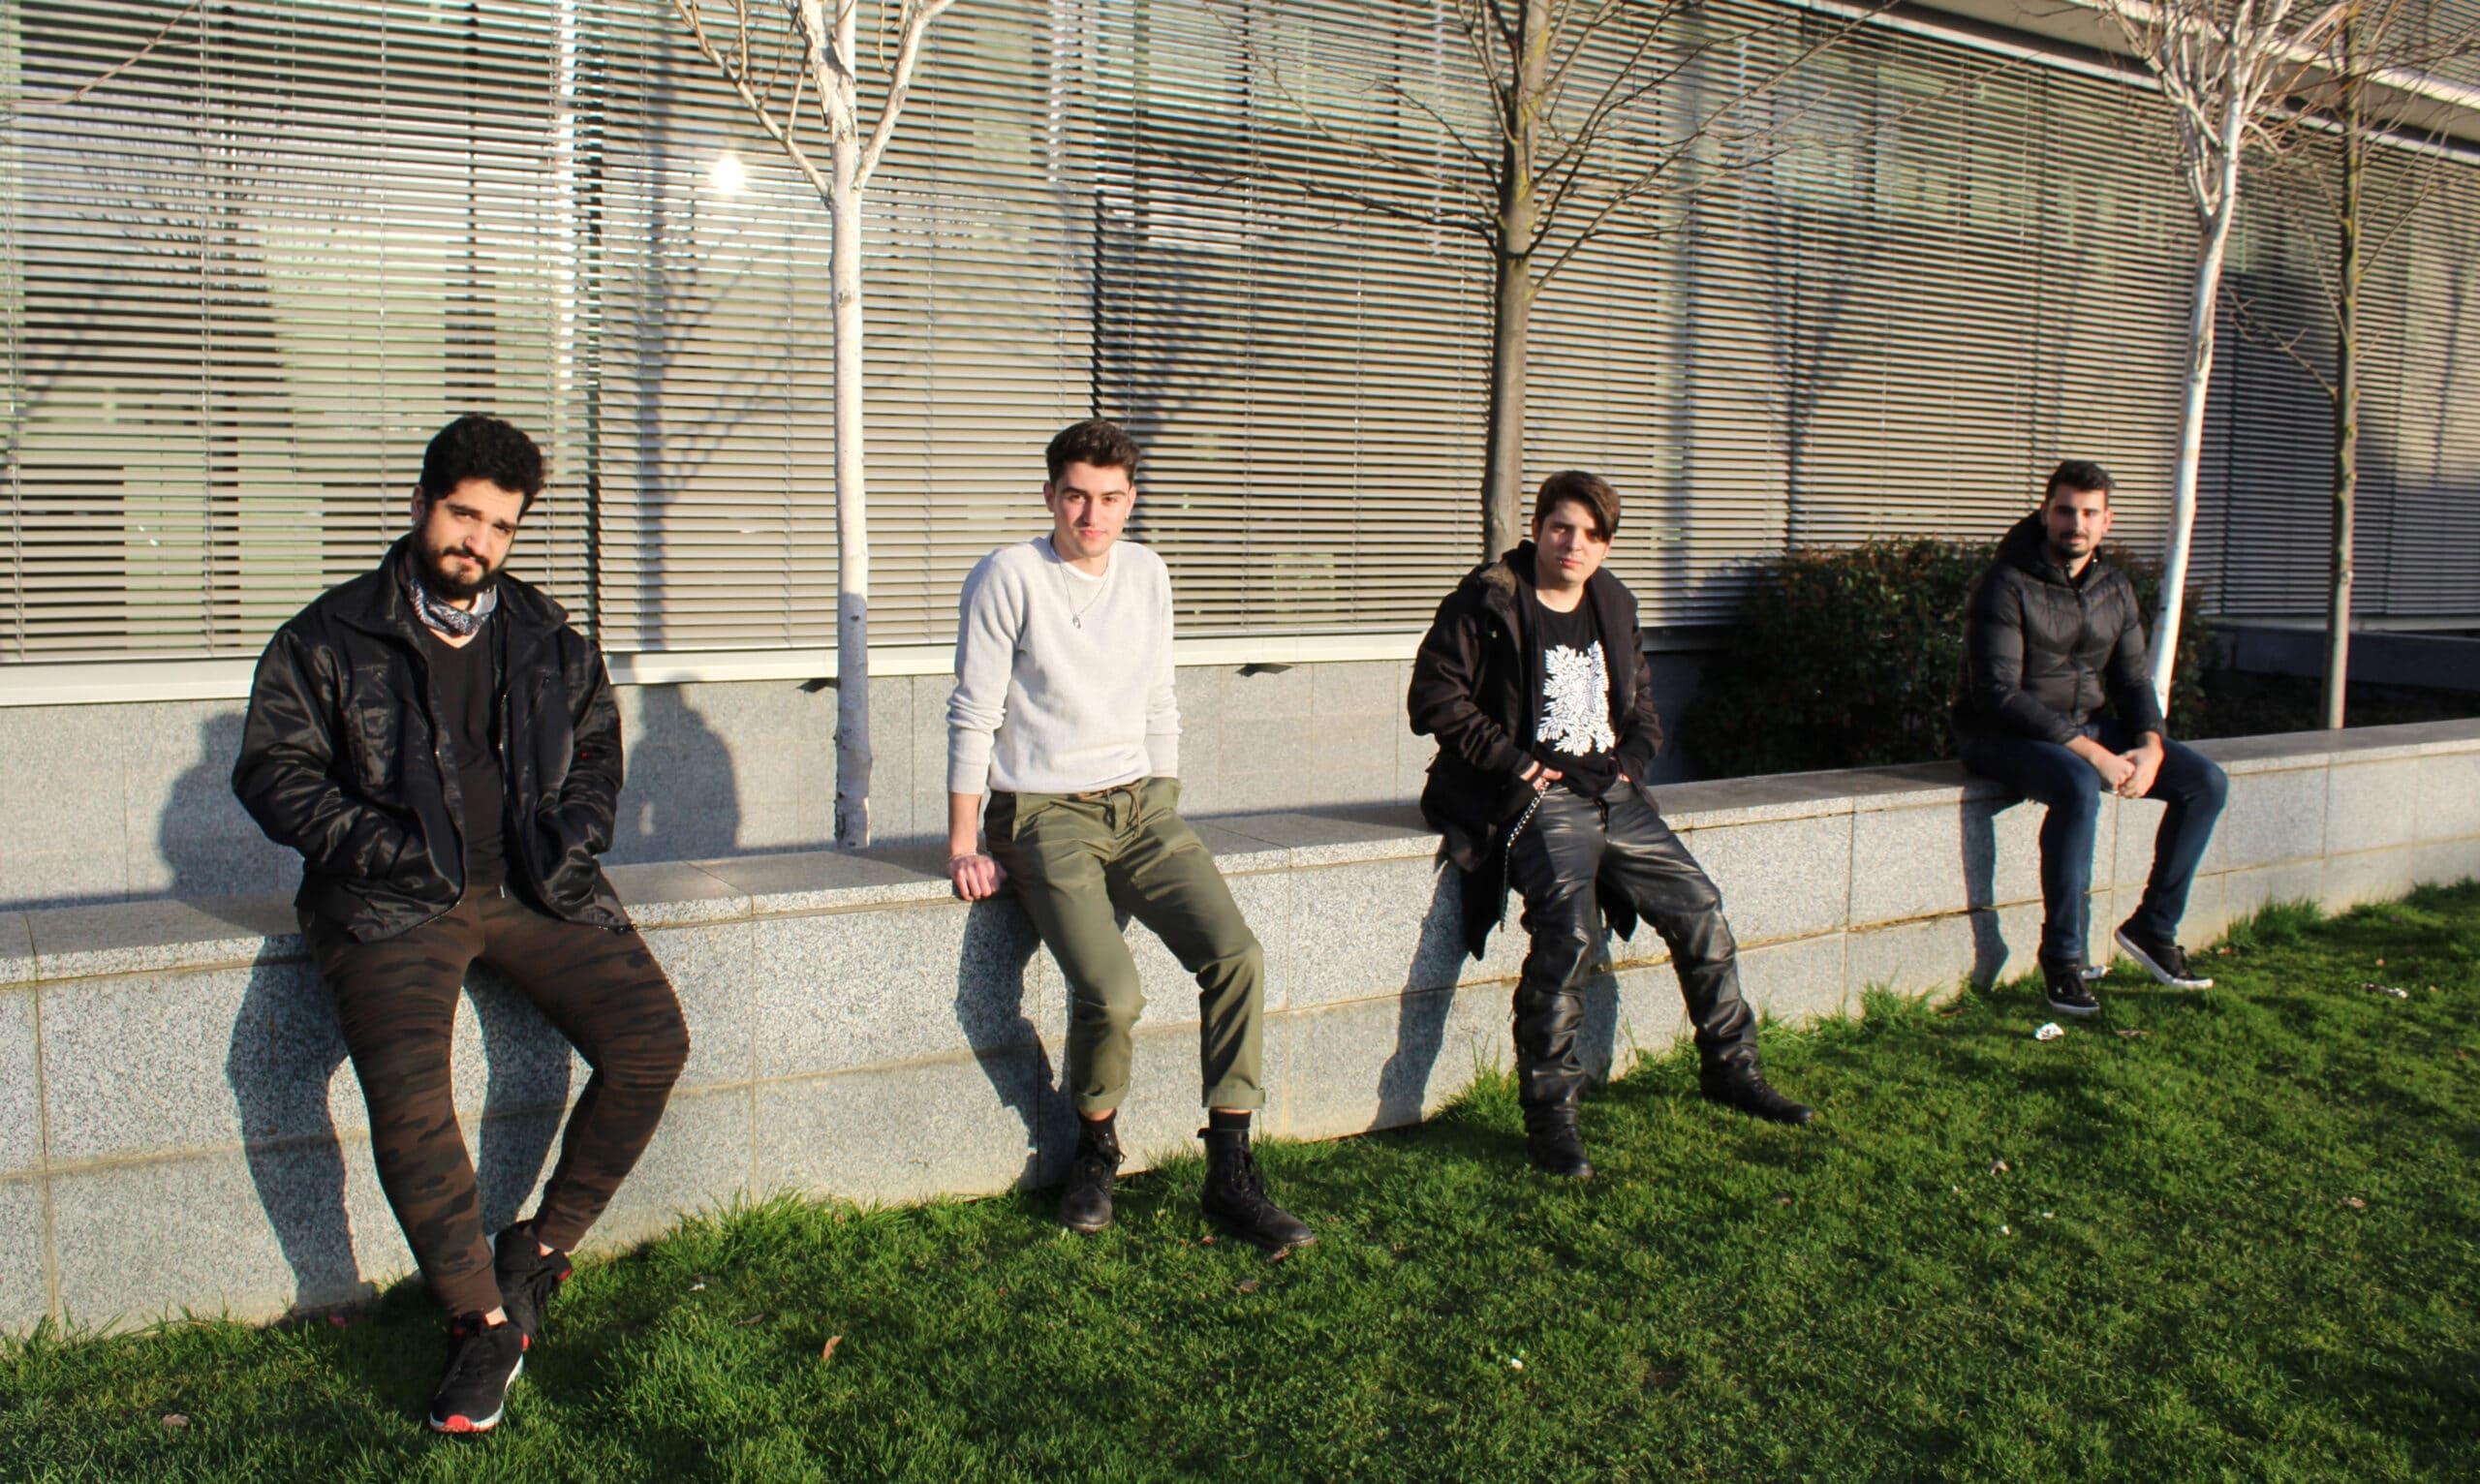 'One Last Breath' se convertirá en el primer videojuego desarrollado en Navarra por alumnado de Creanavarra